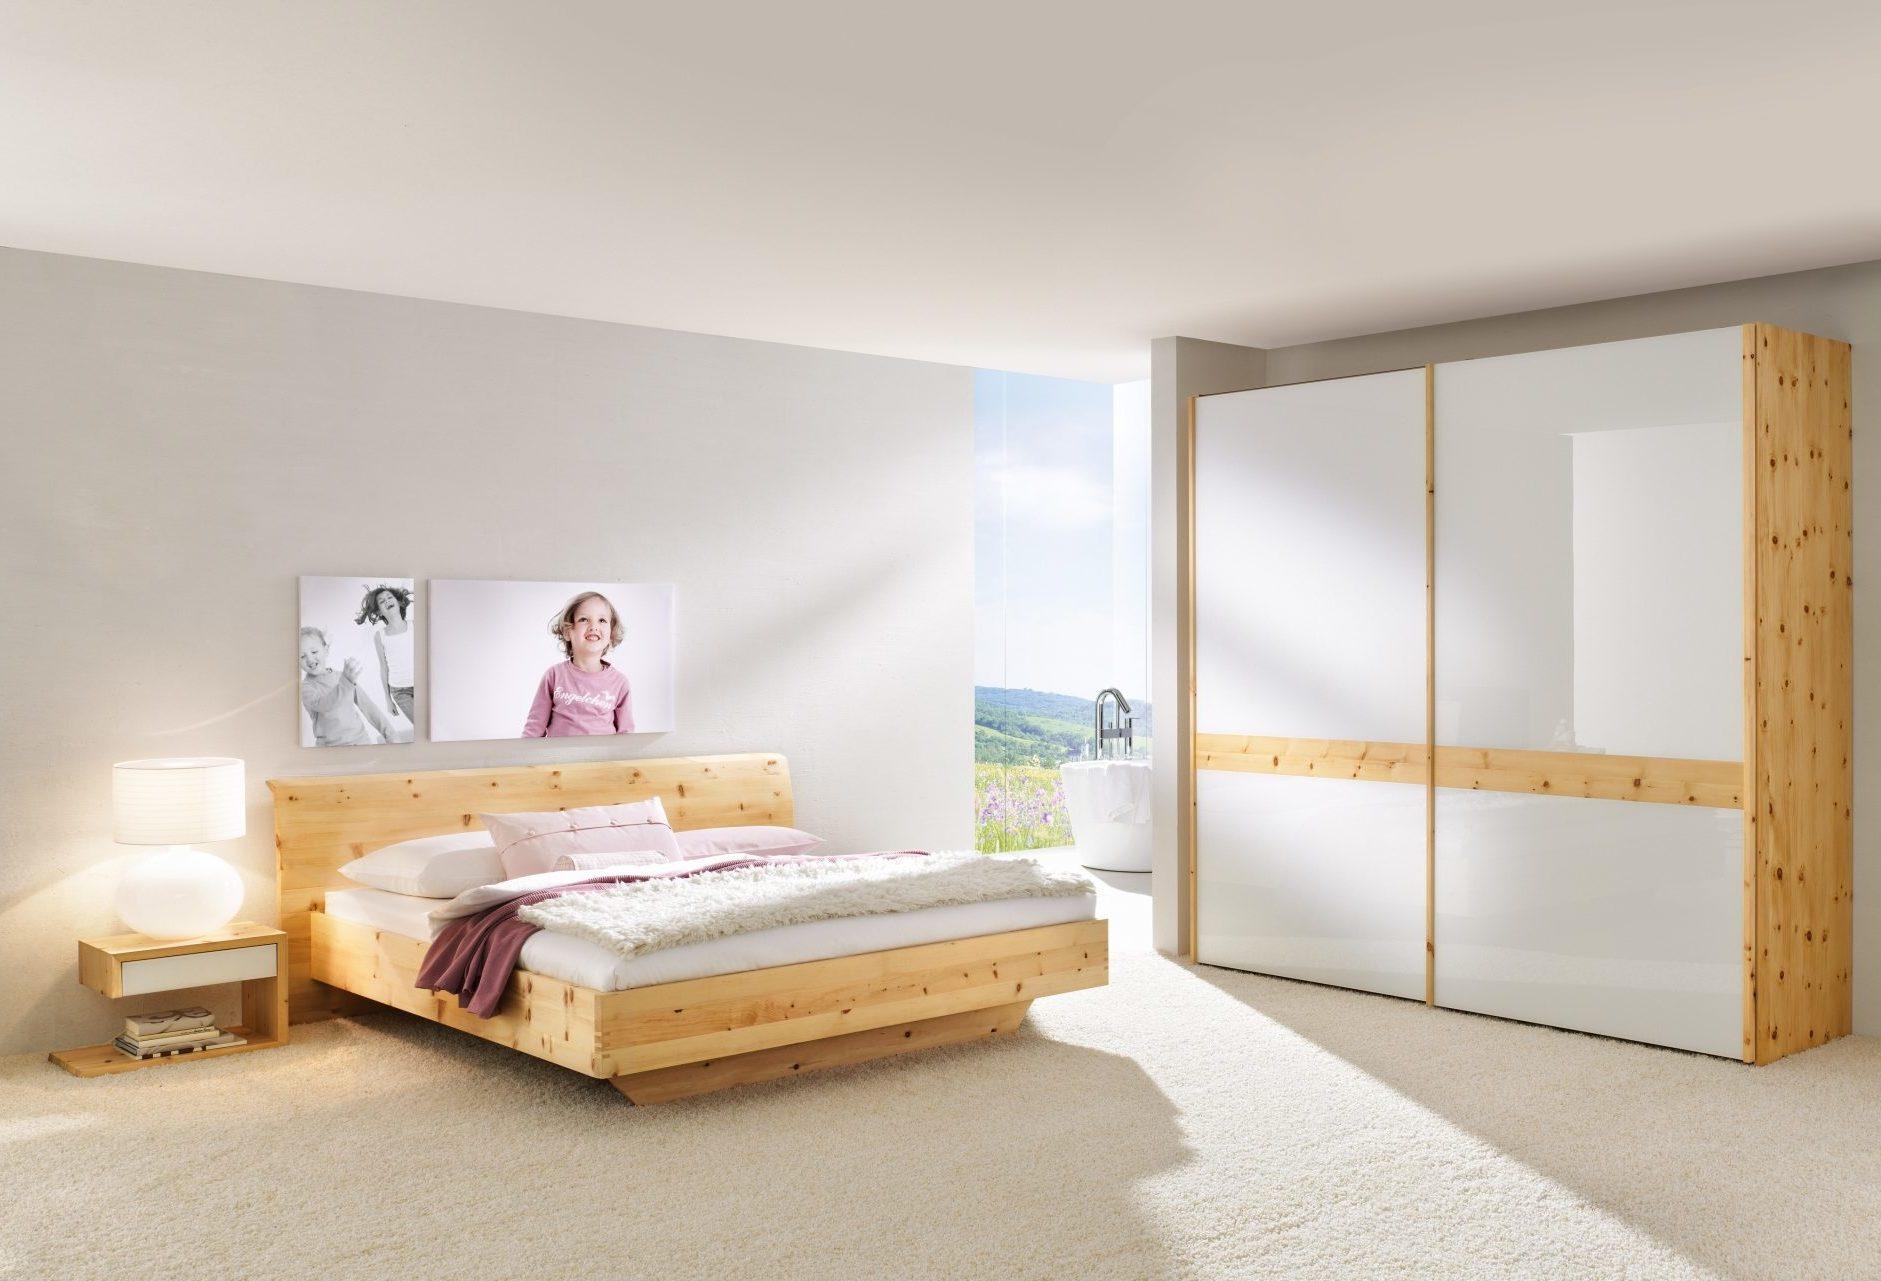 Schlafzimmer Rio Mit Glas In Zirbe 214 Ko Control